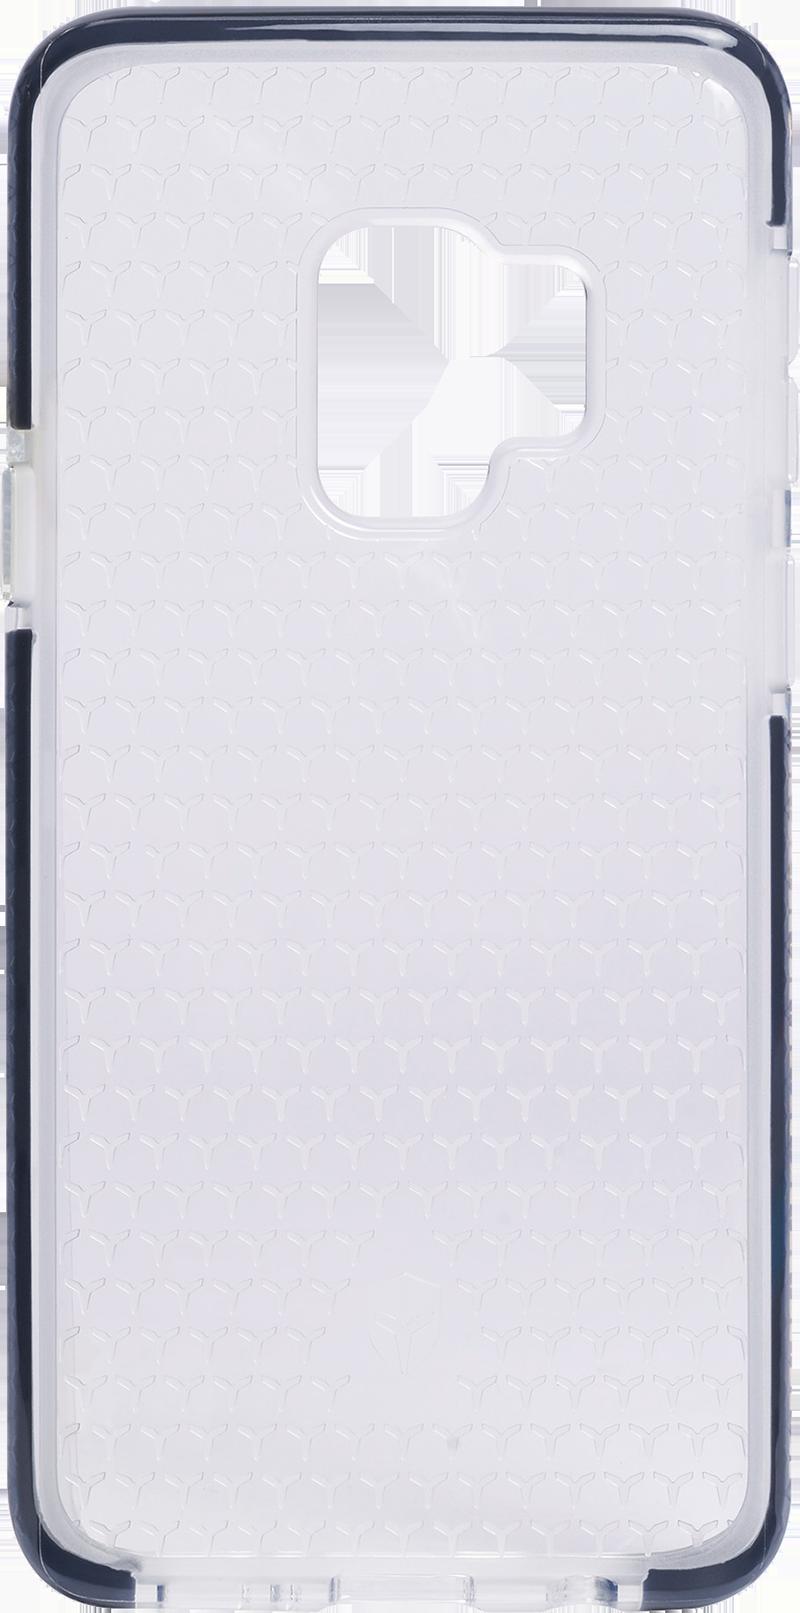 Coque transparente Galaxy S9 Plus transparente